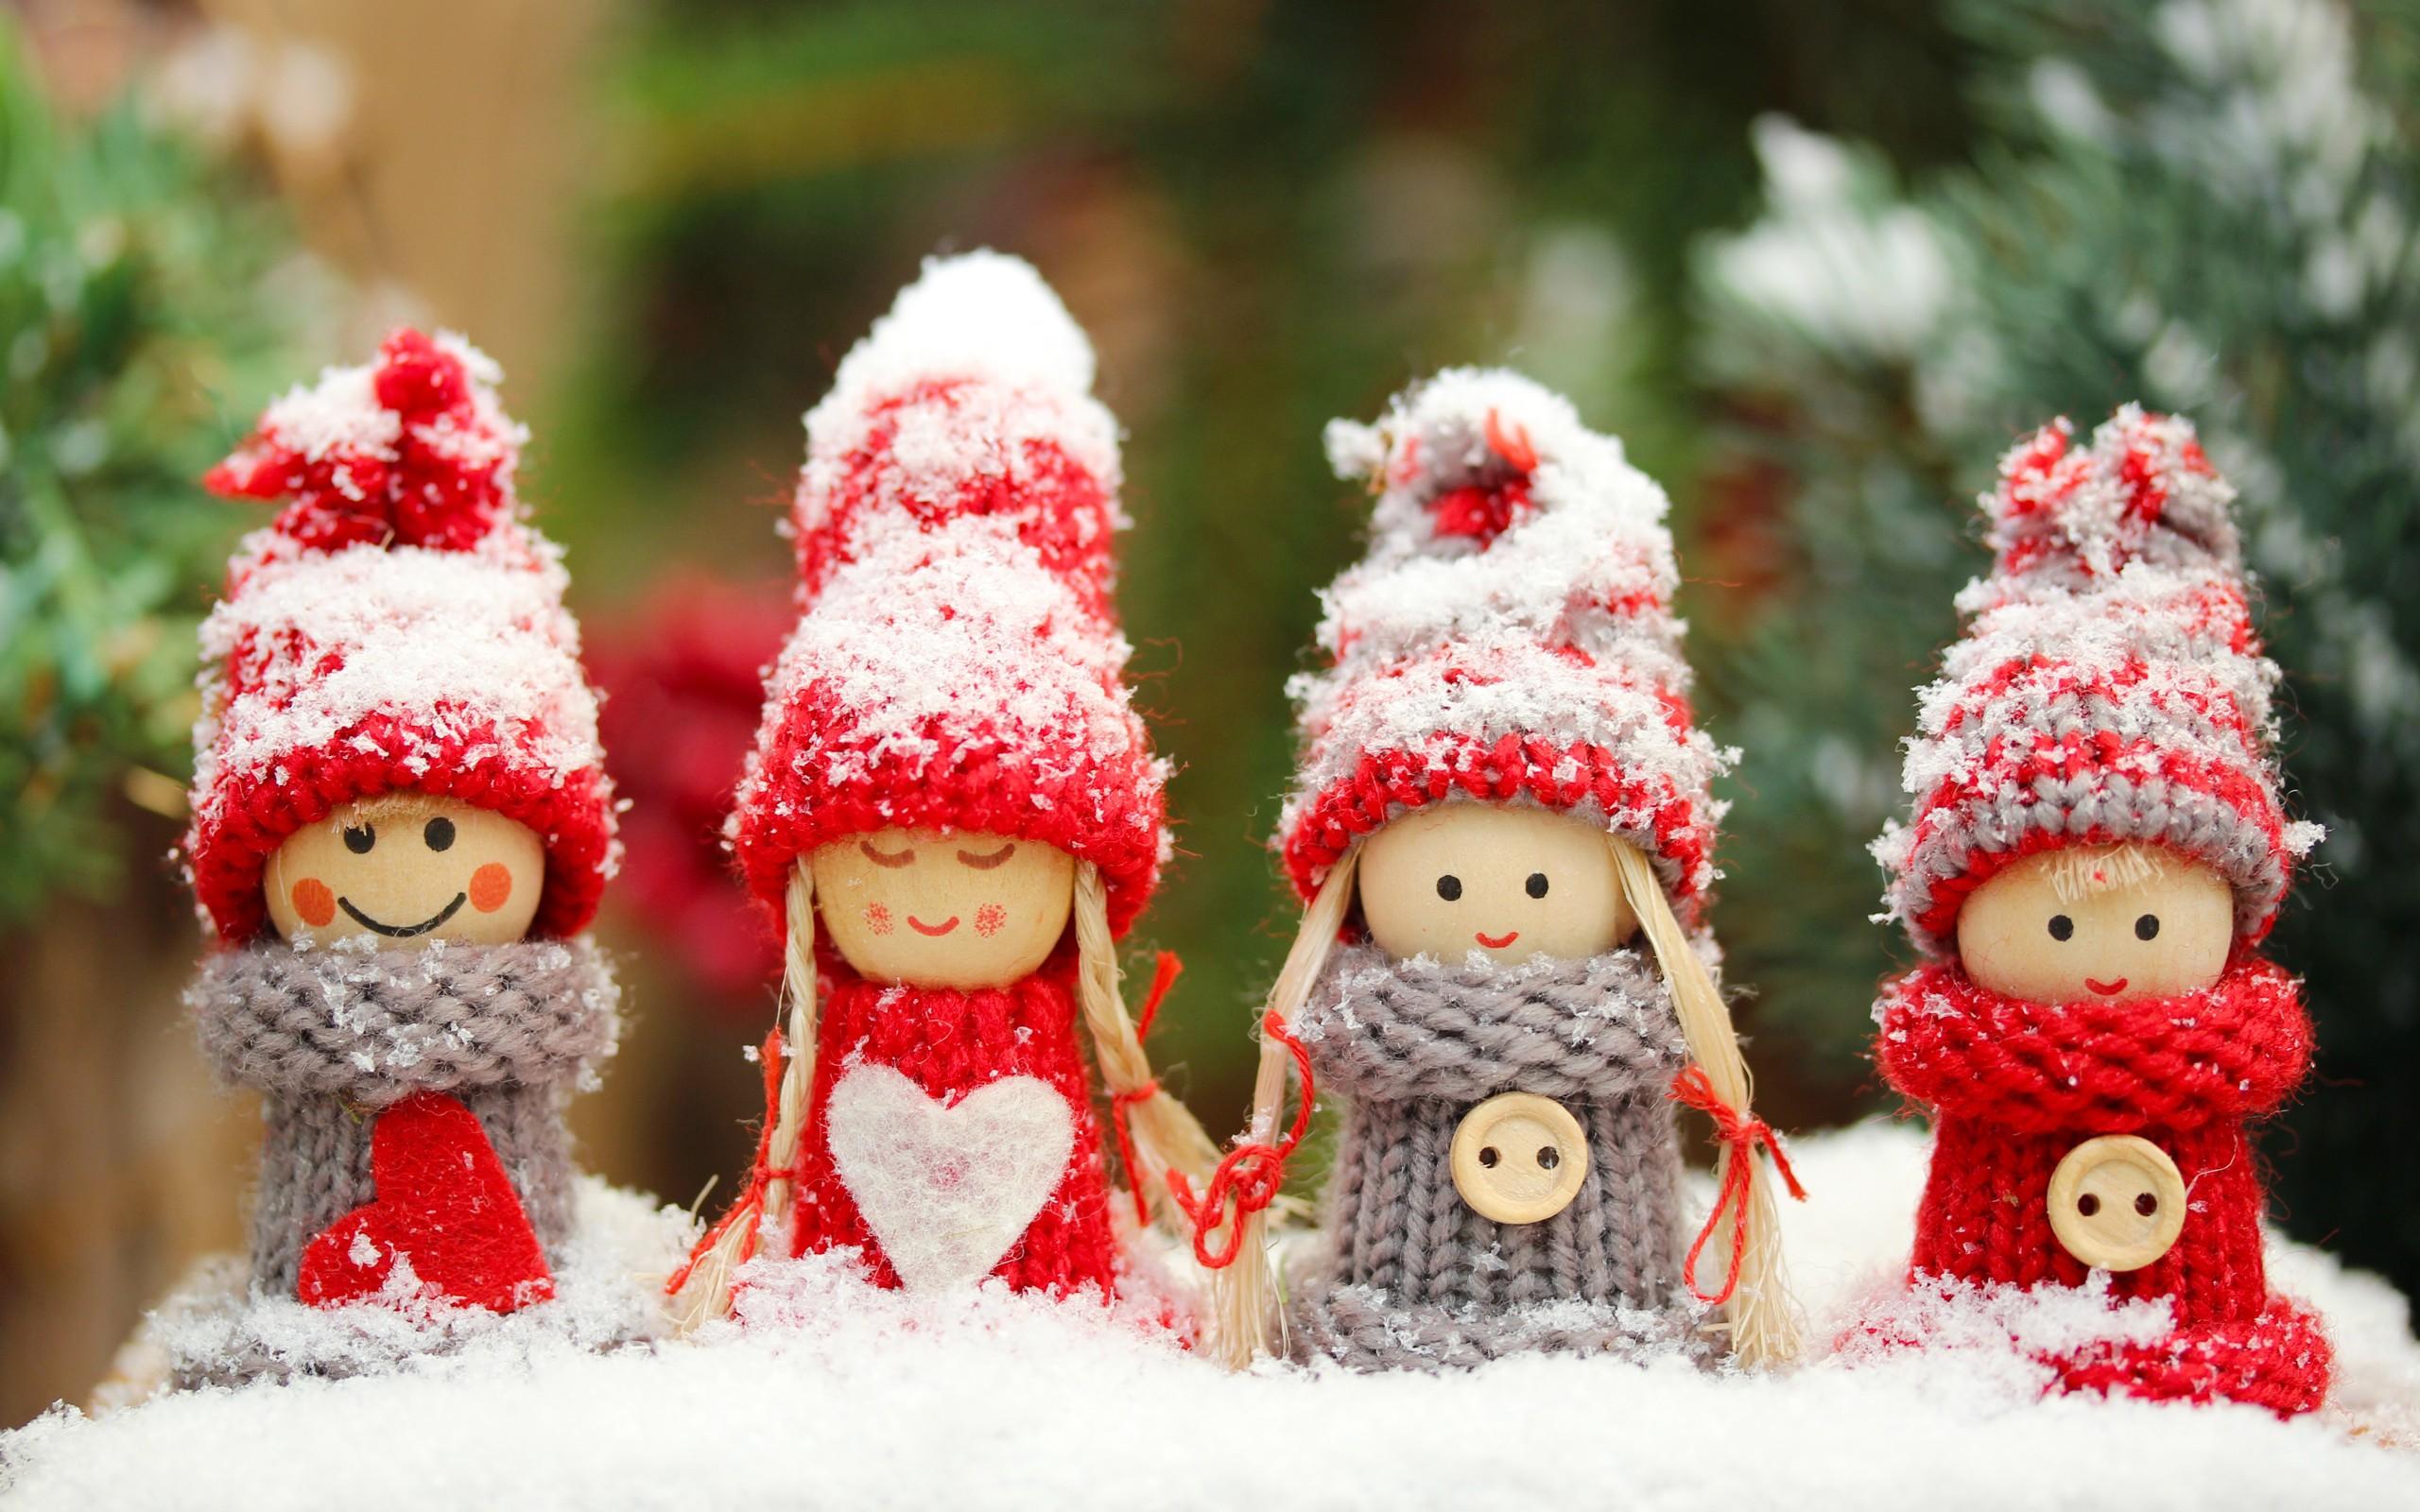 d3844f6882 červená sneh snehuliak Vianočný stromček Vianoce Nový rok kvetina sladkosť  vianočné dekorácie. 0 0. Zadarmo na stiahnutie Original